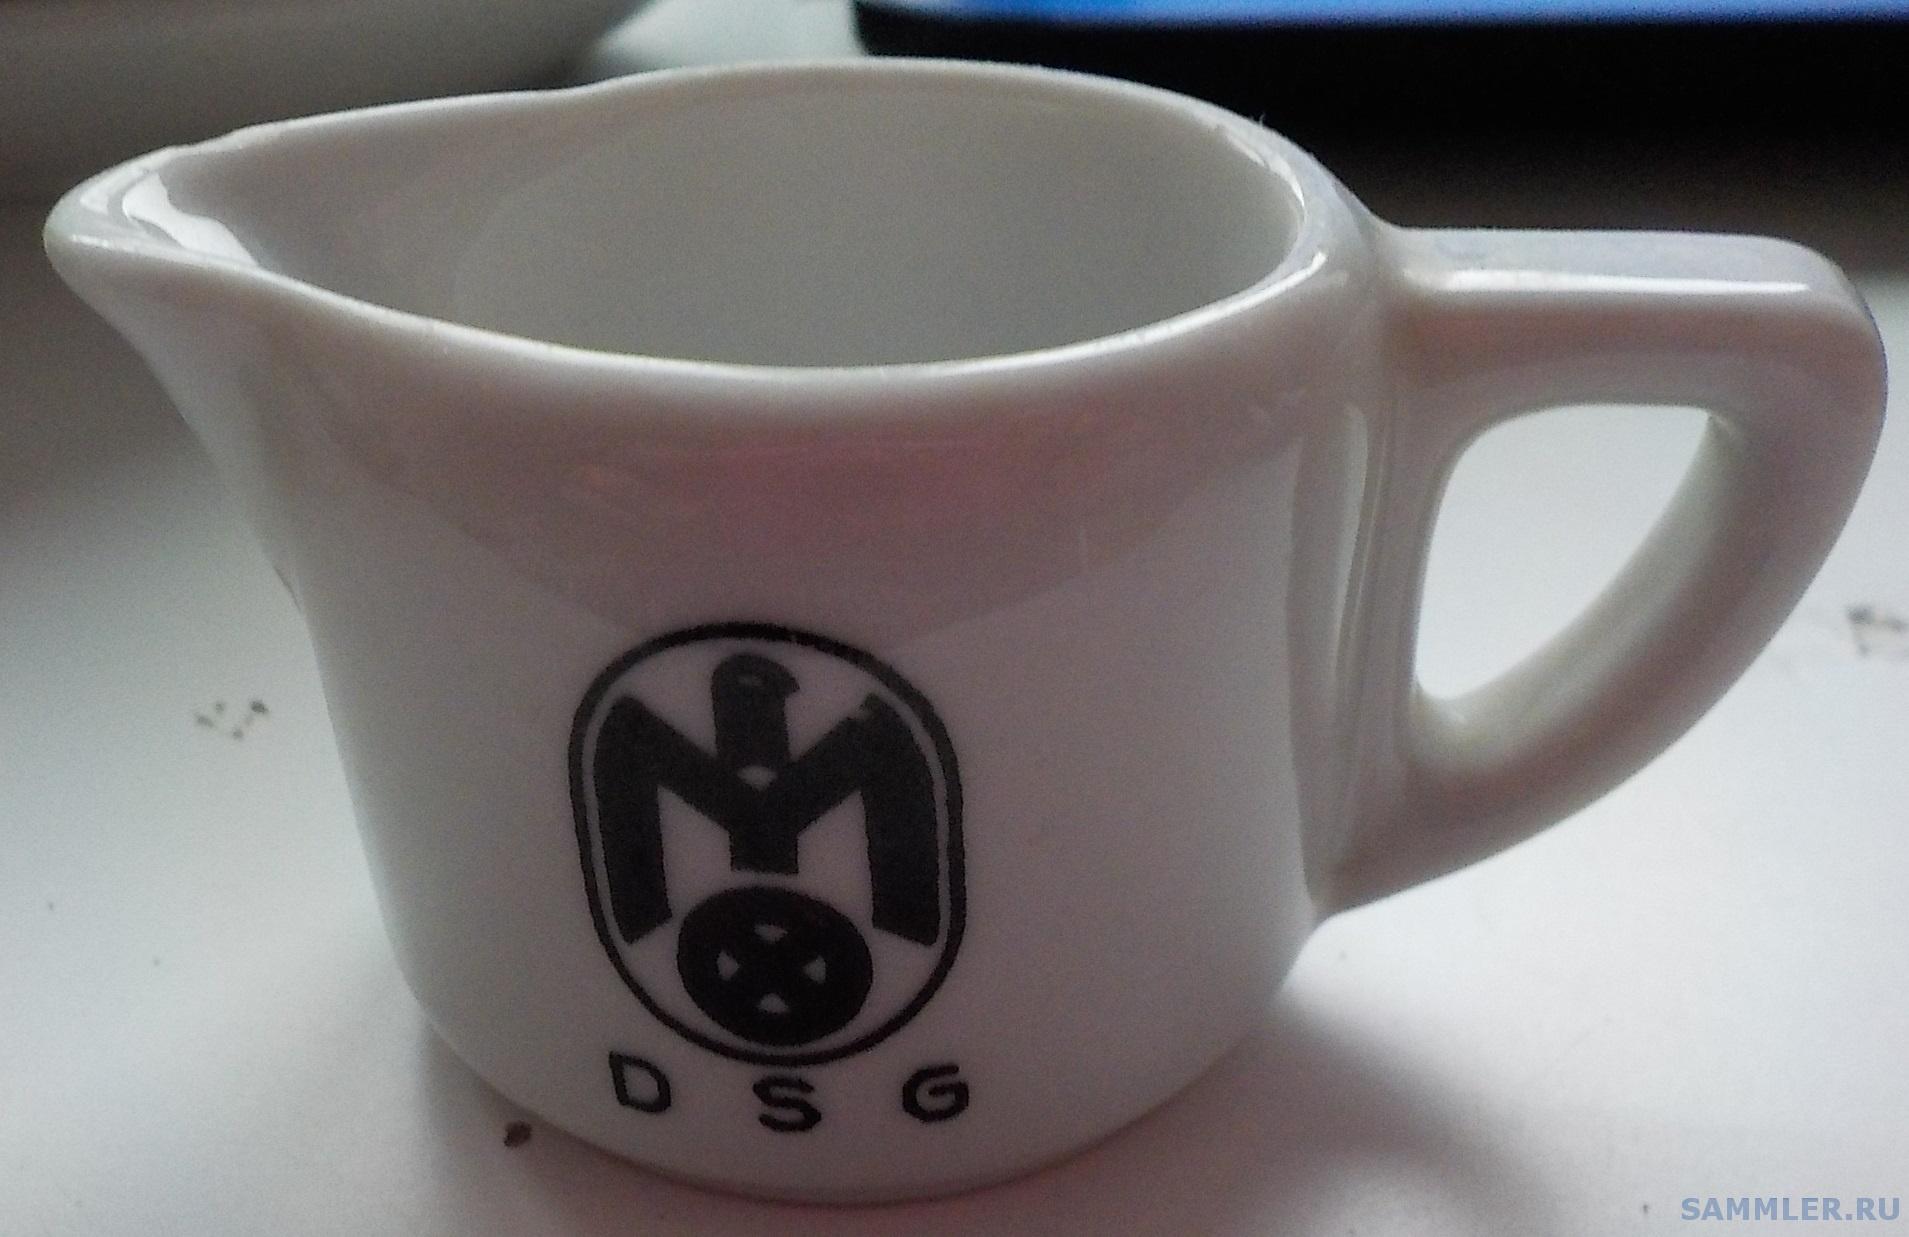 DSCN9625.JPG